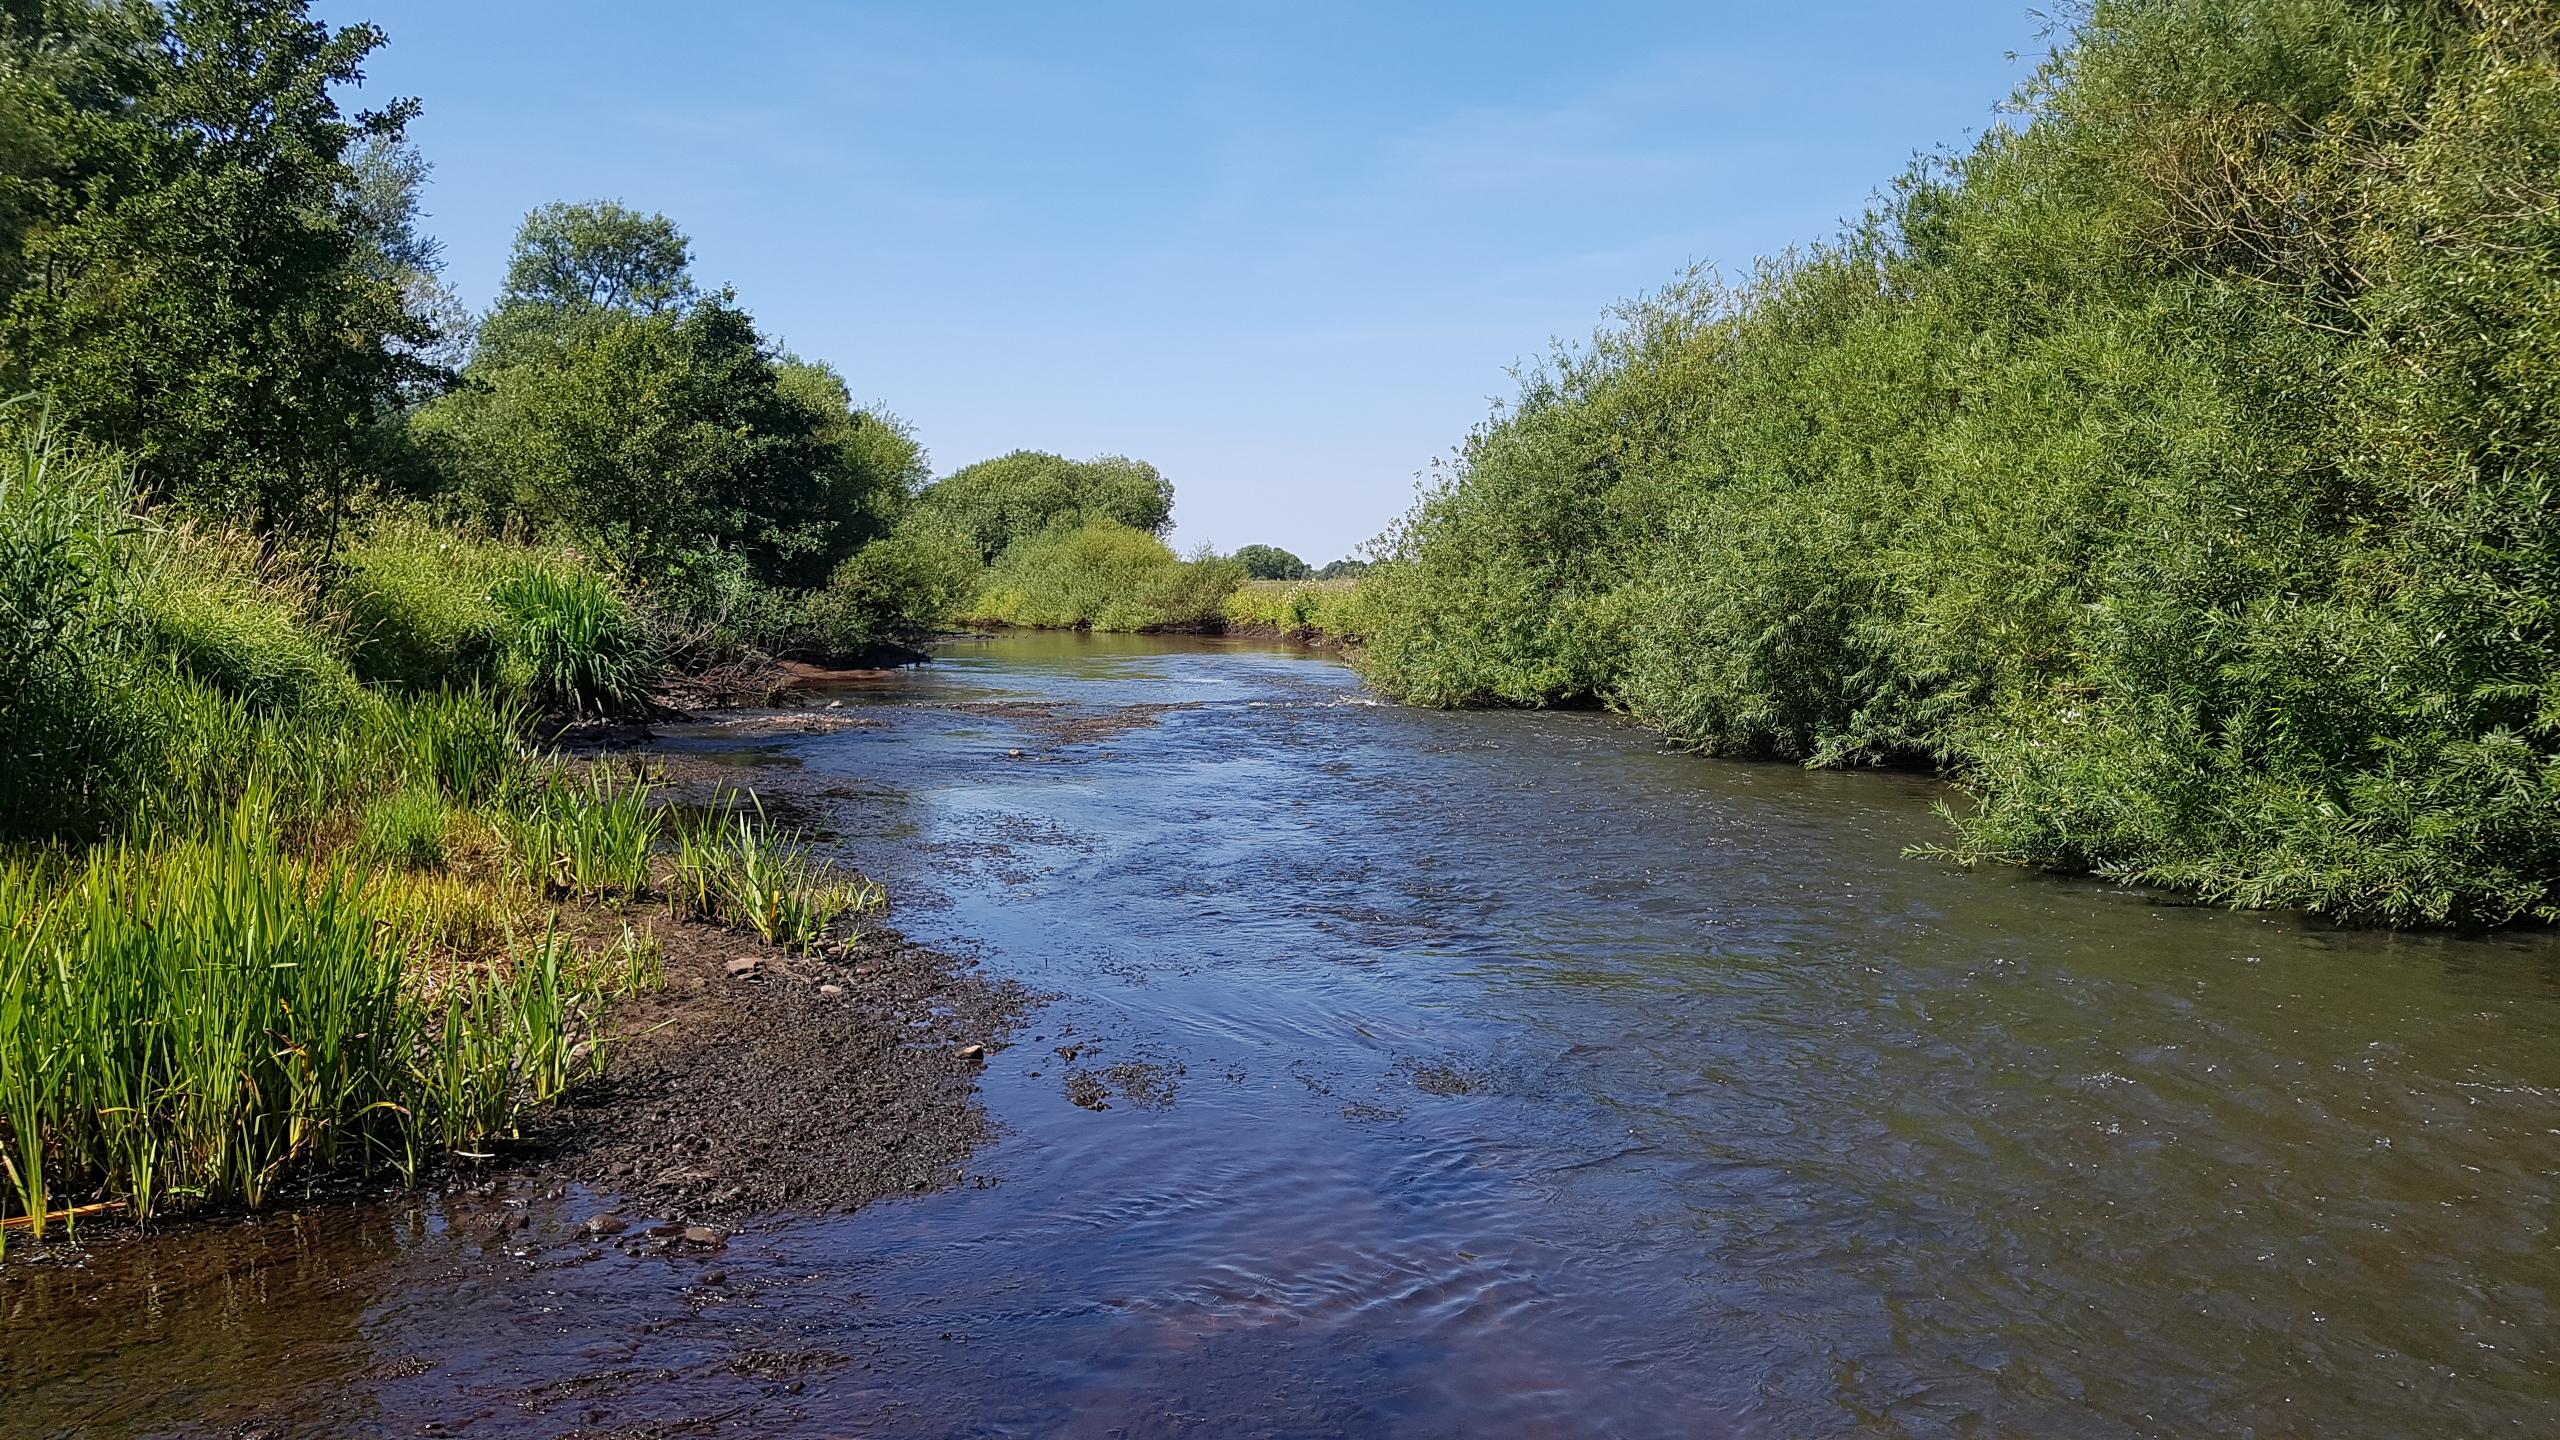 Nahaufnahme der Wümme. Beidseitig hat sich entlang des Gewässers ein dichter Uferbewuchs entwickelt. Im Gewässer bilden Längsbänke aus Kies wertvolle Strukturen.